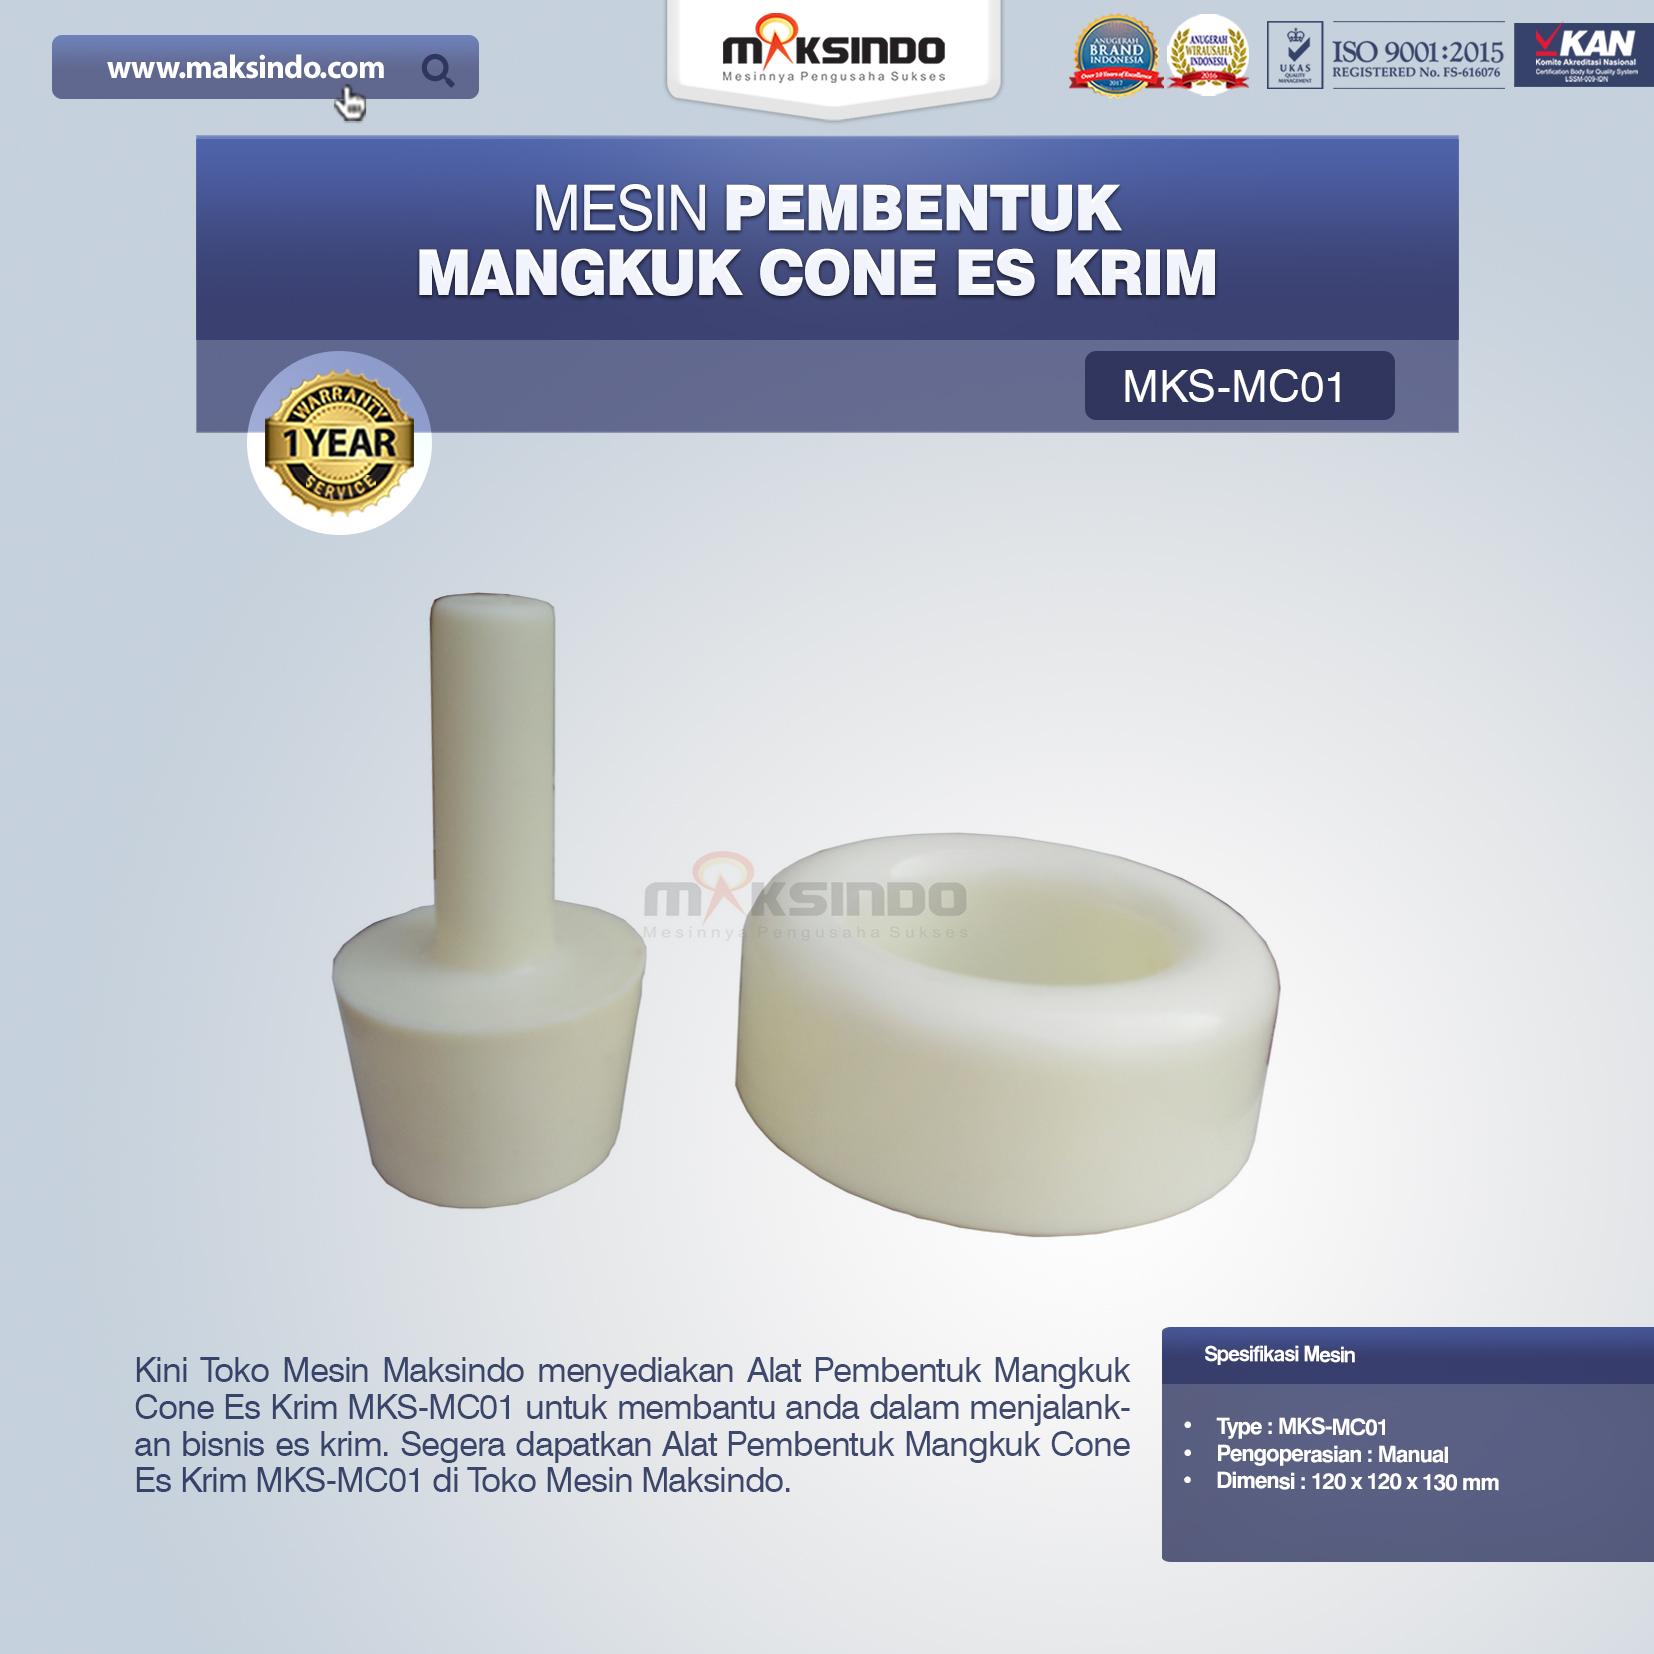 Jual Alat Pembentuk Mangkuk Cone Es Krim MKS-MC01 di Bandung